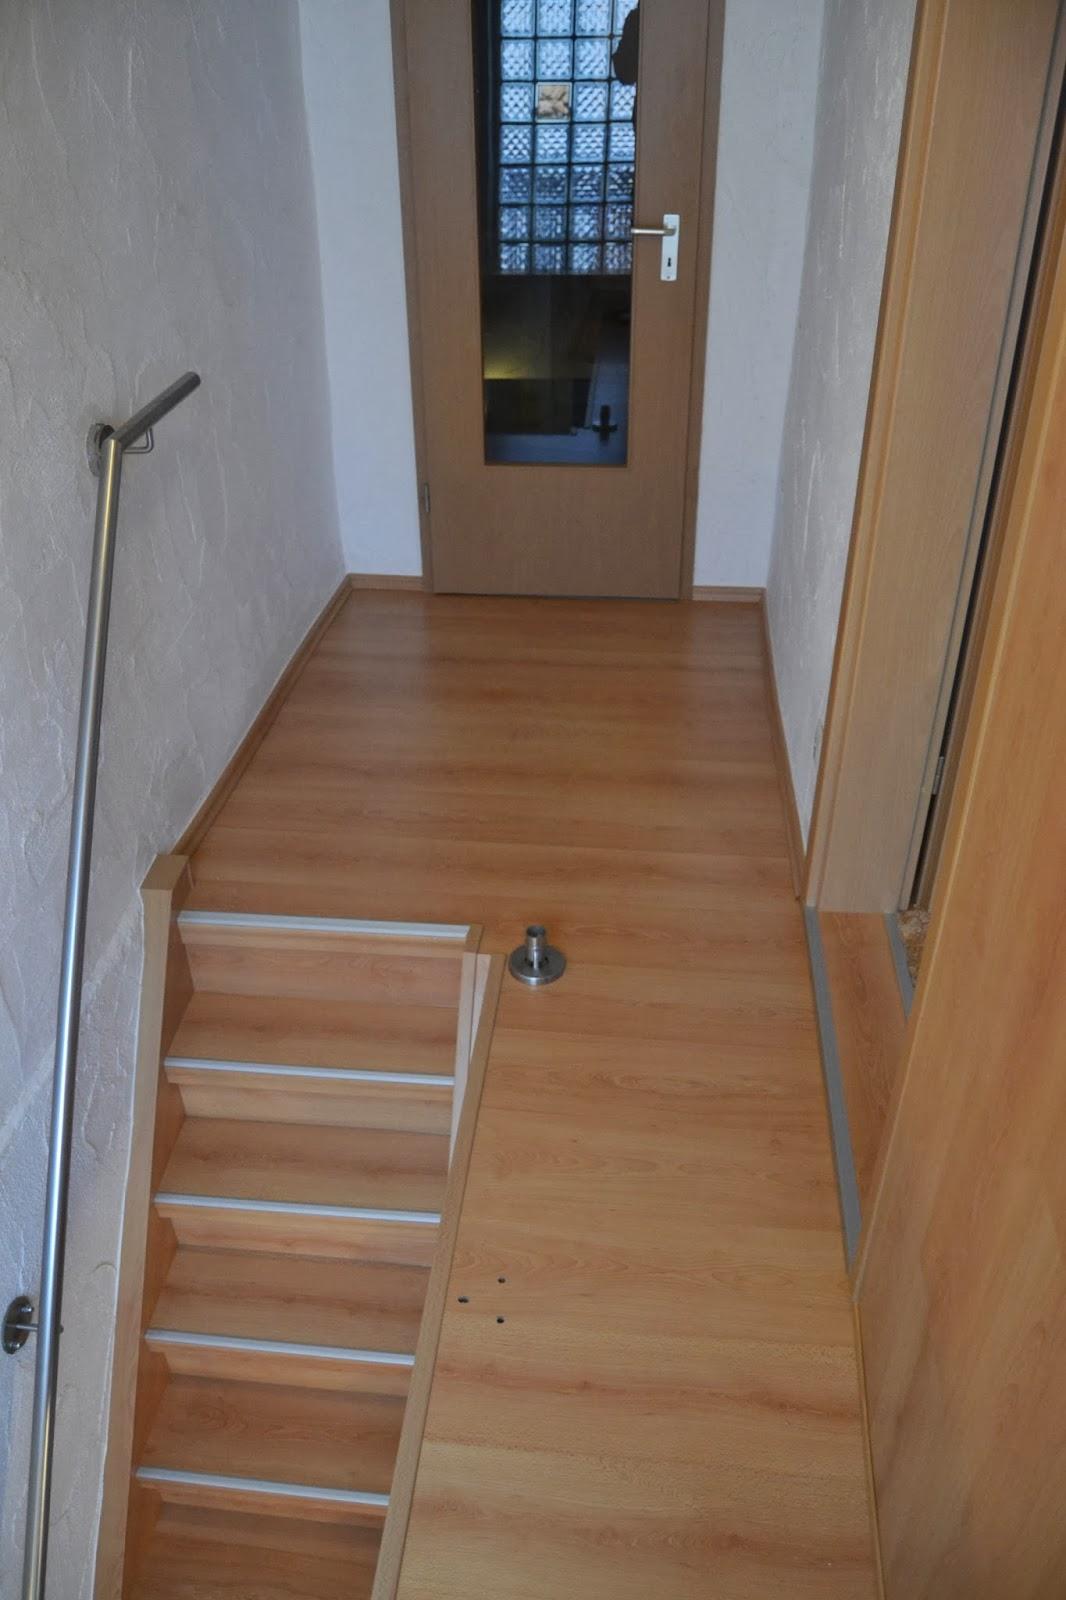 fertig renovierte Treppe - Podestfläche in gleicher Optik - Dekor Buche